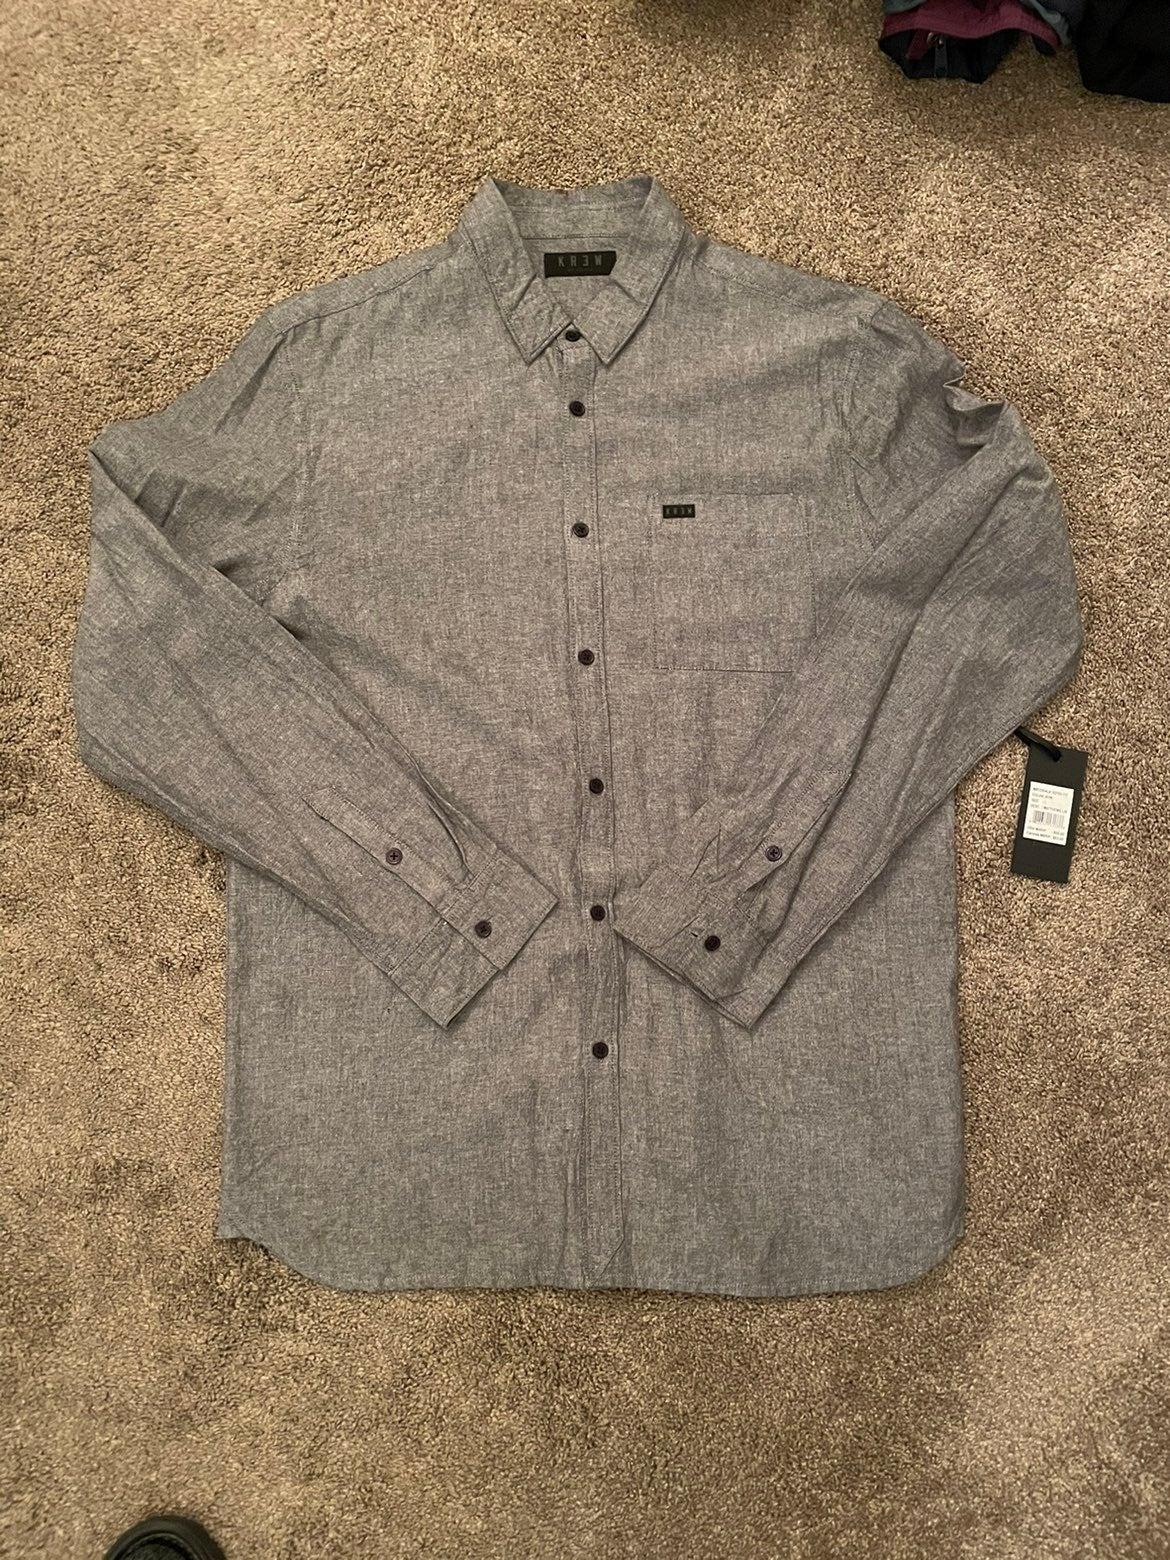 Krew button up shirt